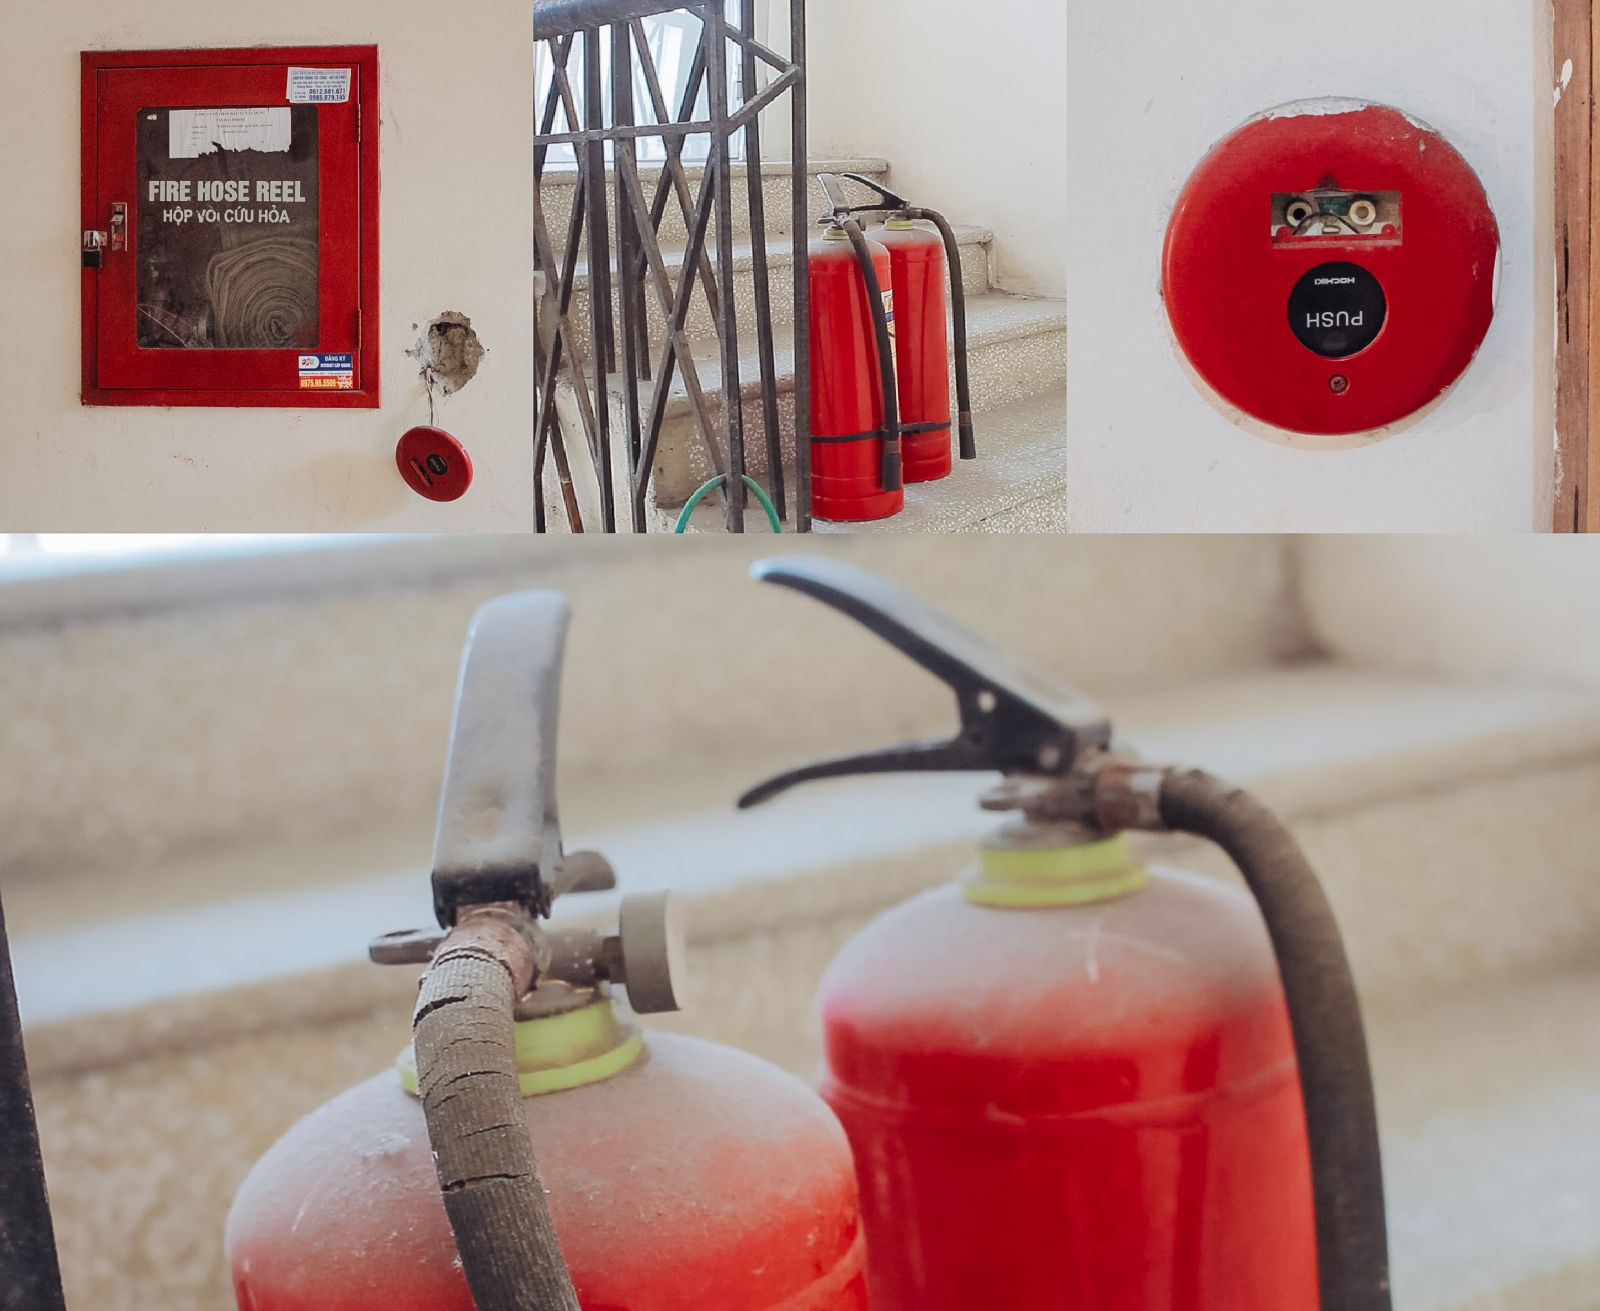 Hệ thống phòng cháy chữa cháy không được quan tâm, hư hỏng đã lâu nhưng không được sửa chữa hay thay mới.